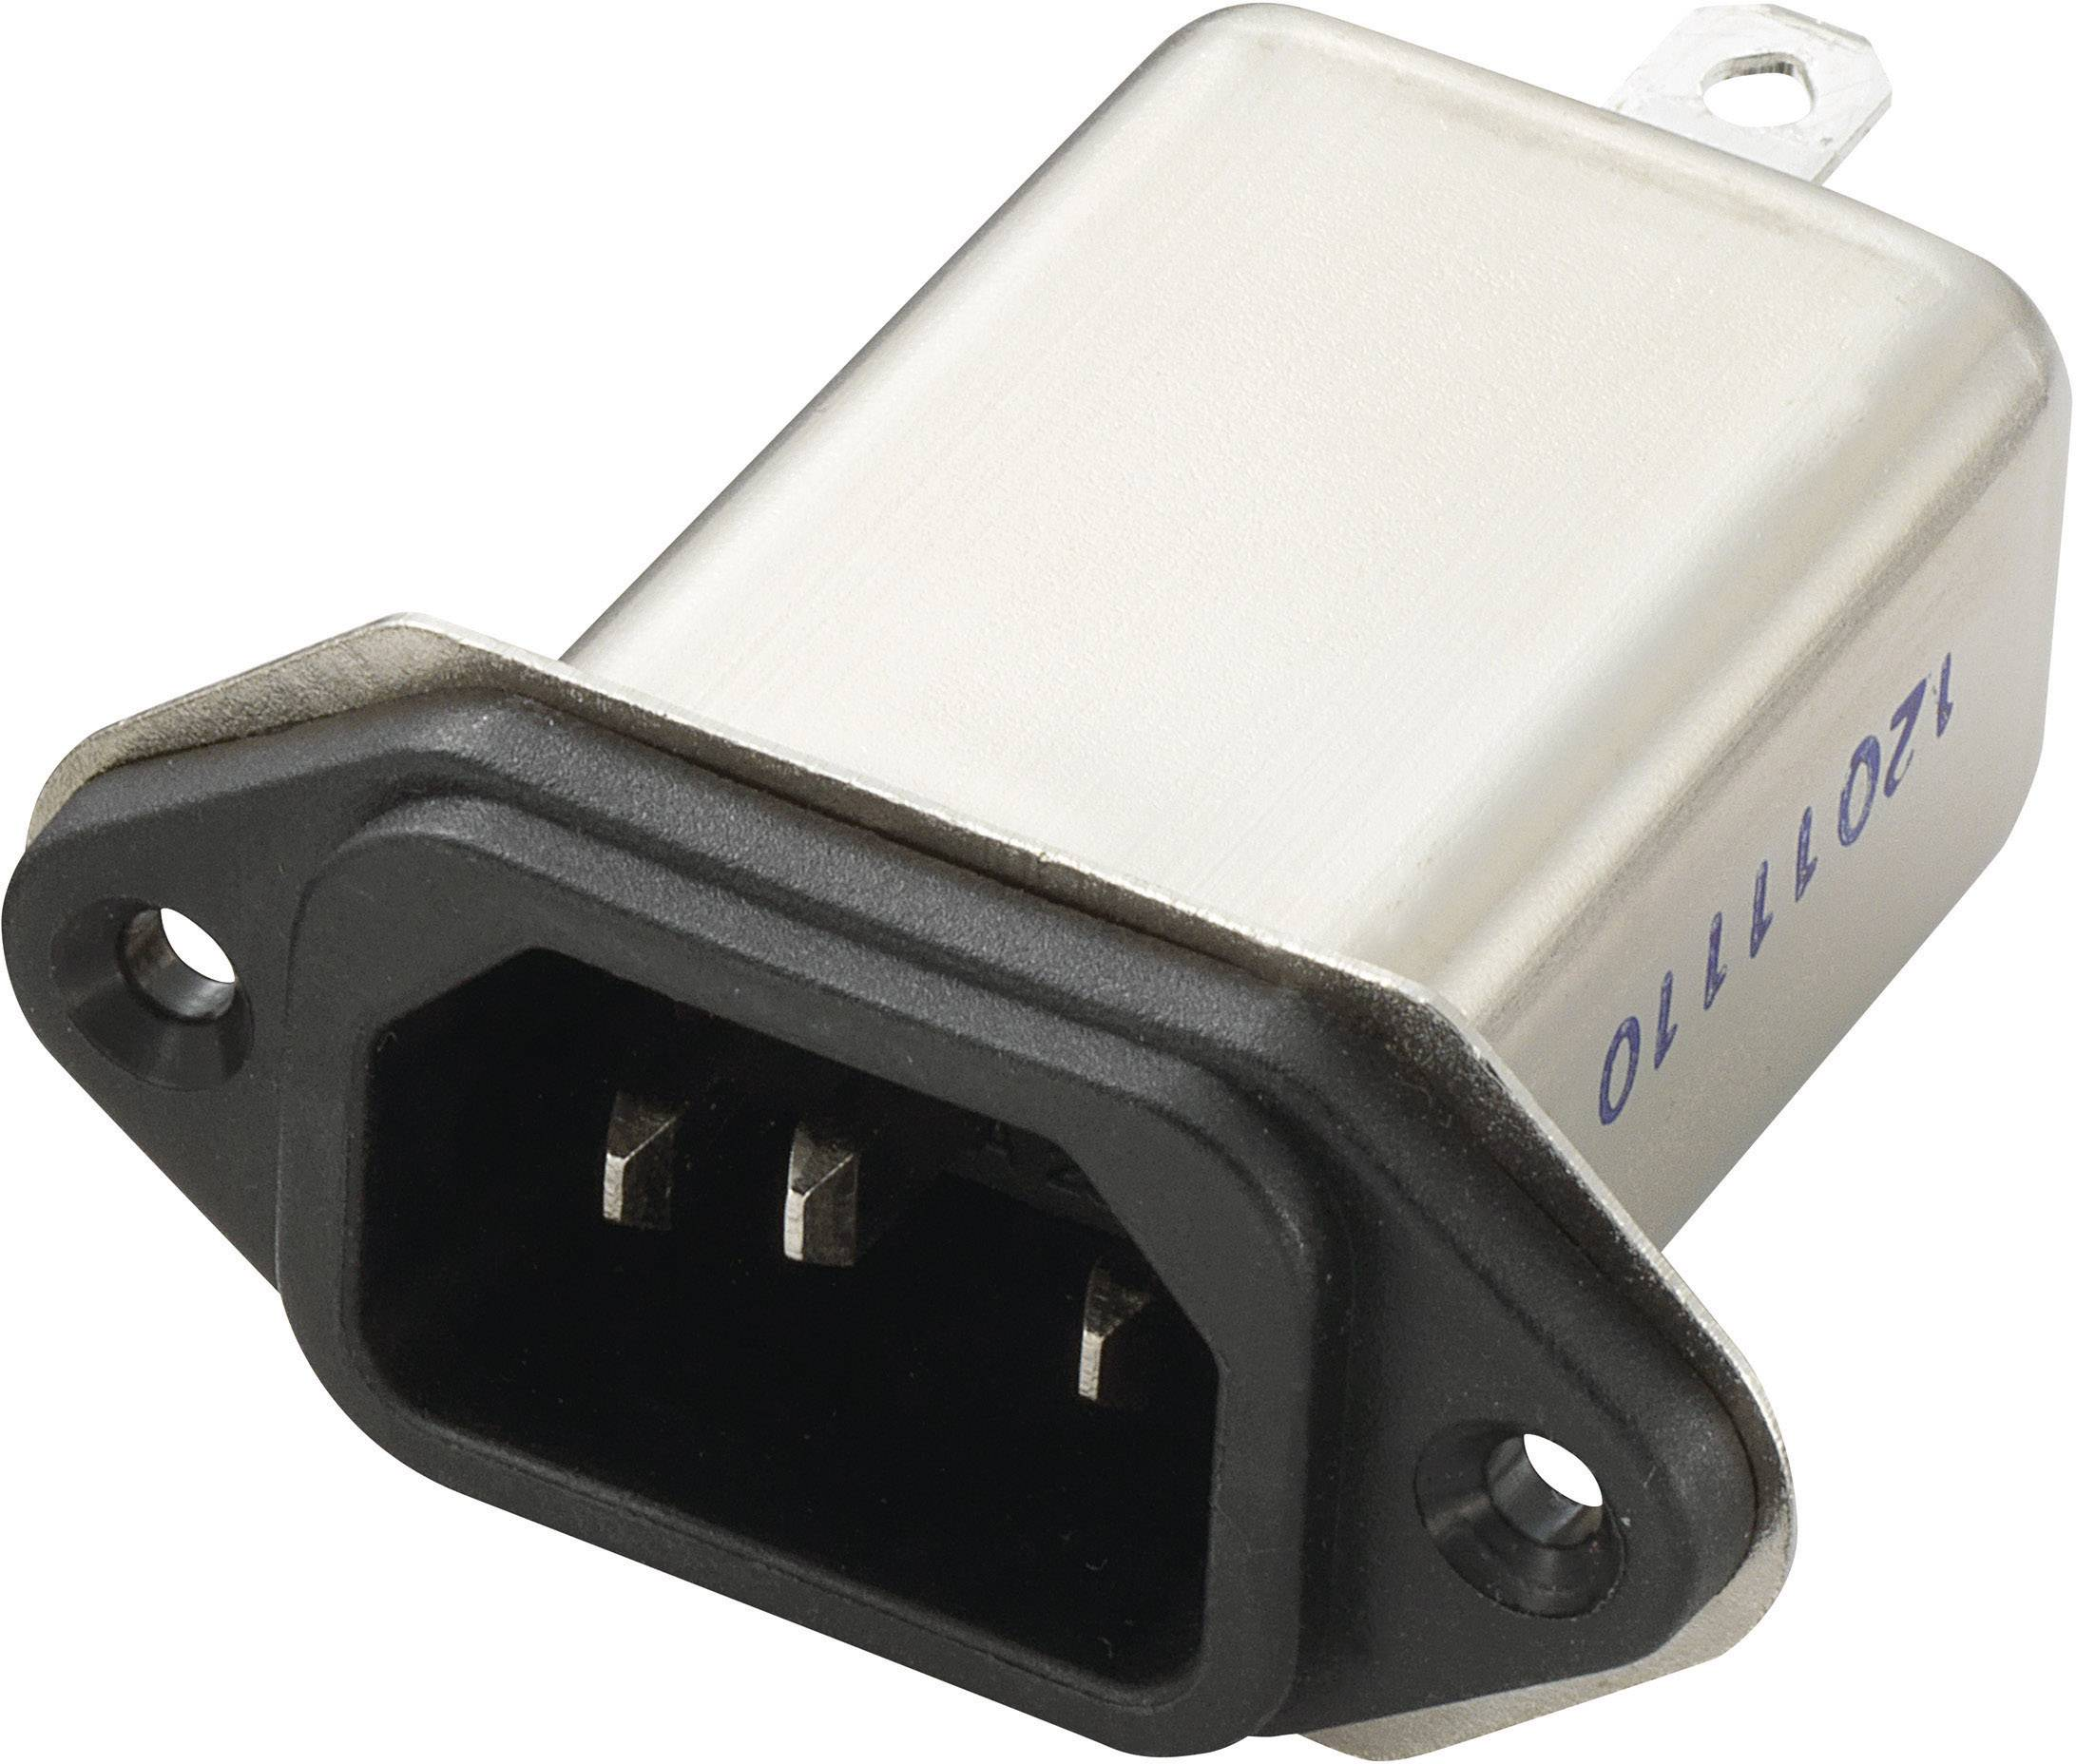 Sieťový filter Yunpen YB10A1-B 700174, s IEC zásuvkou, 250 V/AC, 10 A, 0.3 mH, (d x š x v) 58 x 52.3 x 25.25 mm, 1 ks